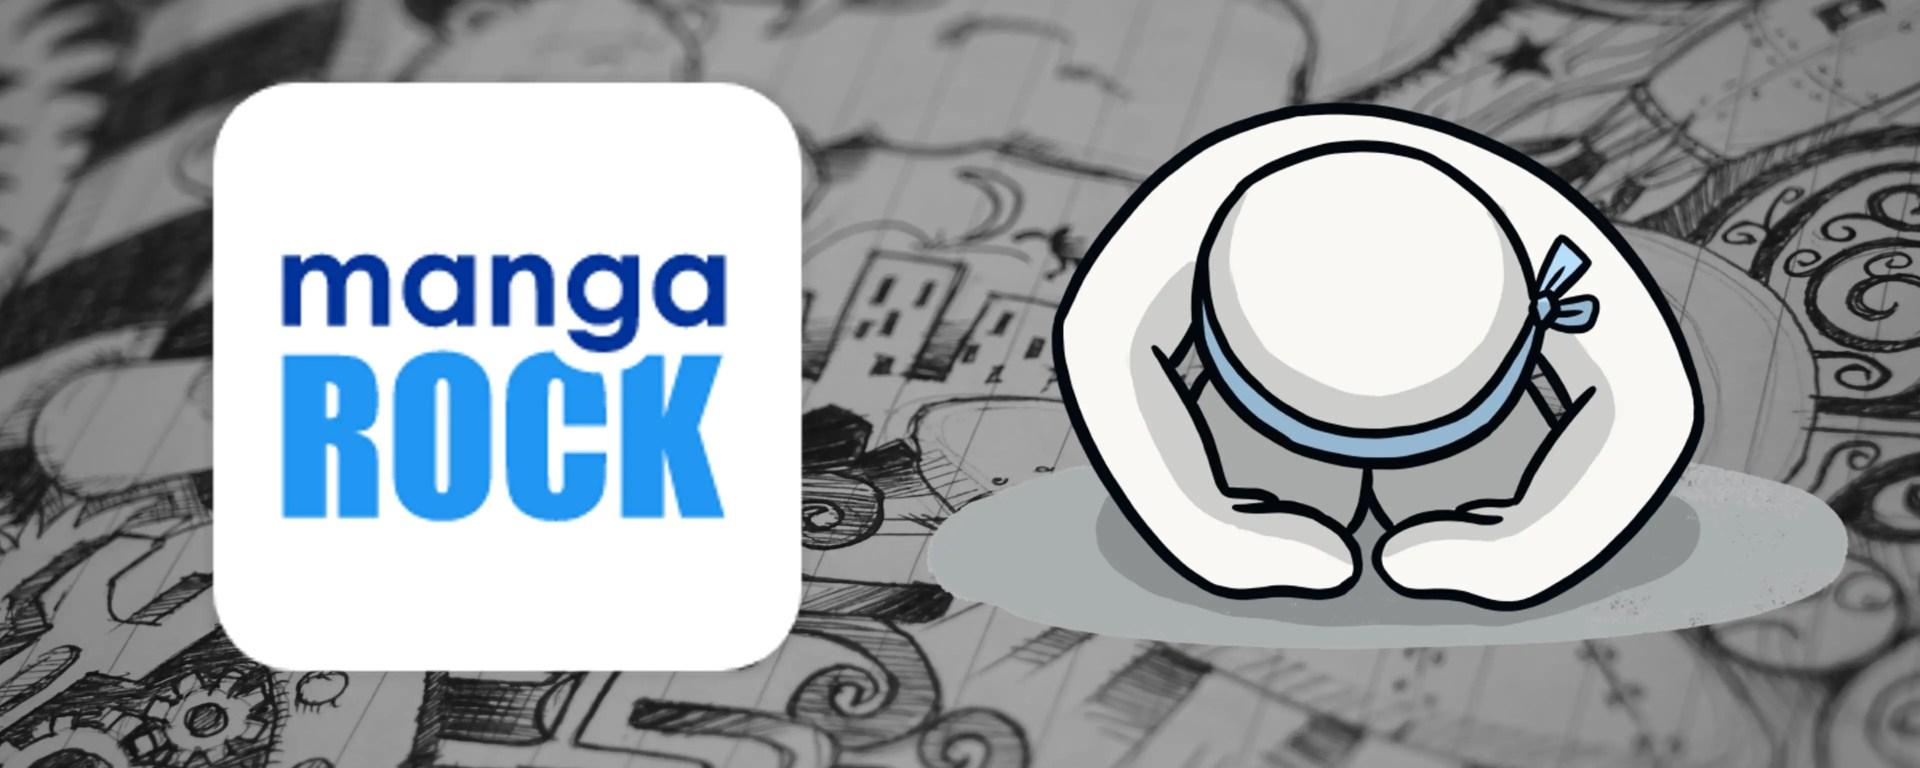 Manga Rock Shuts Down